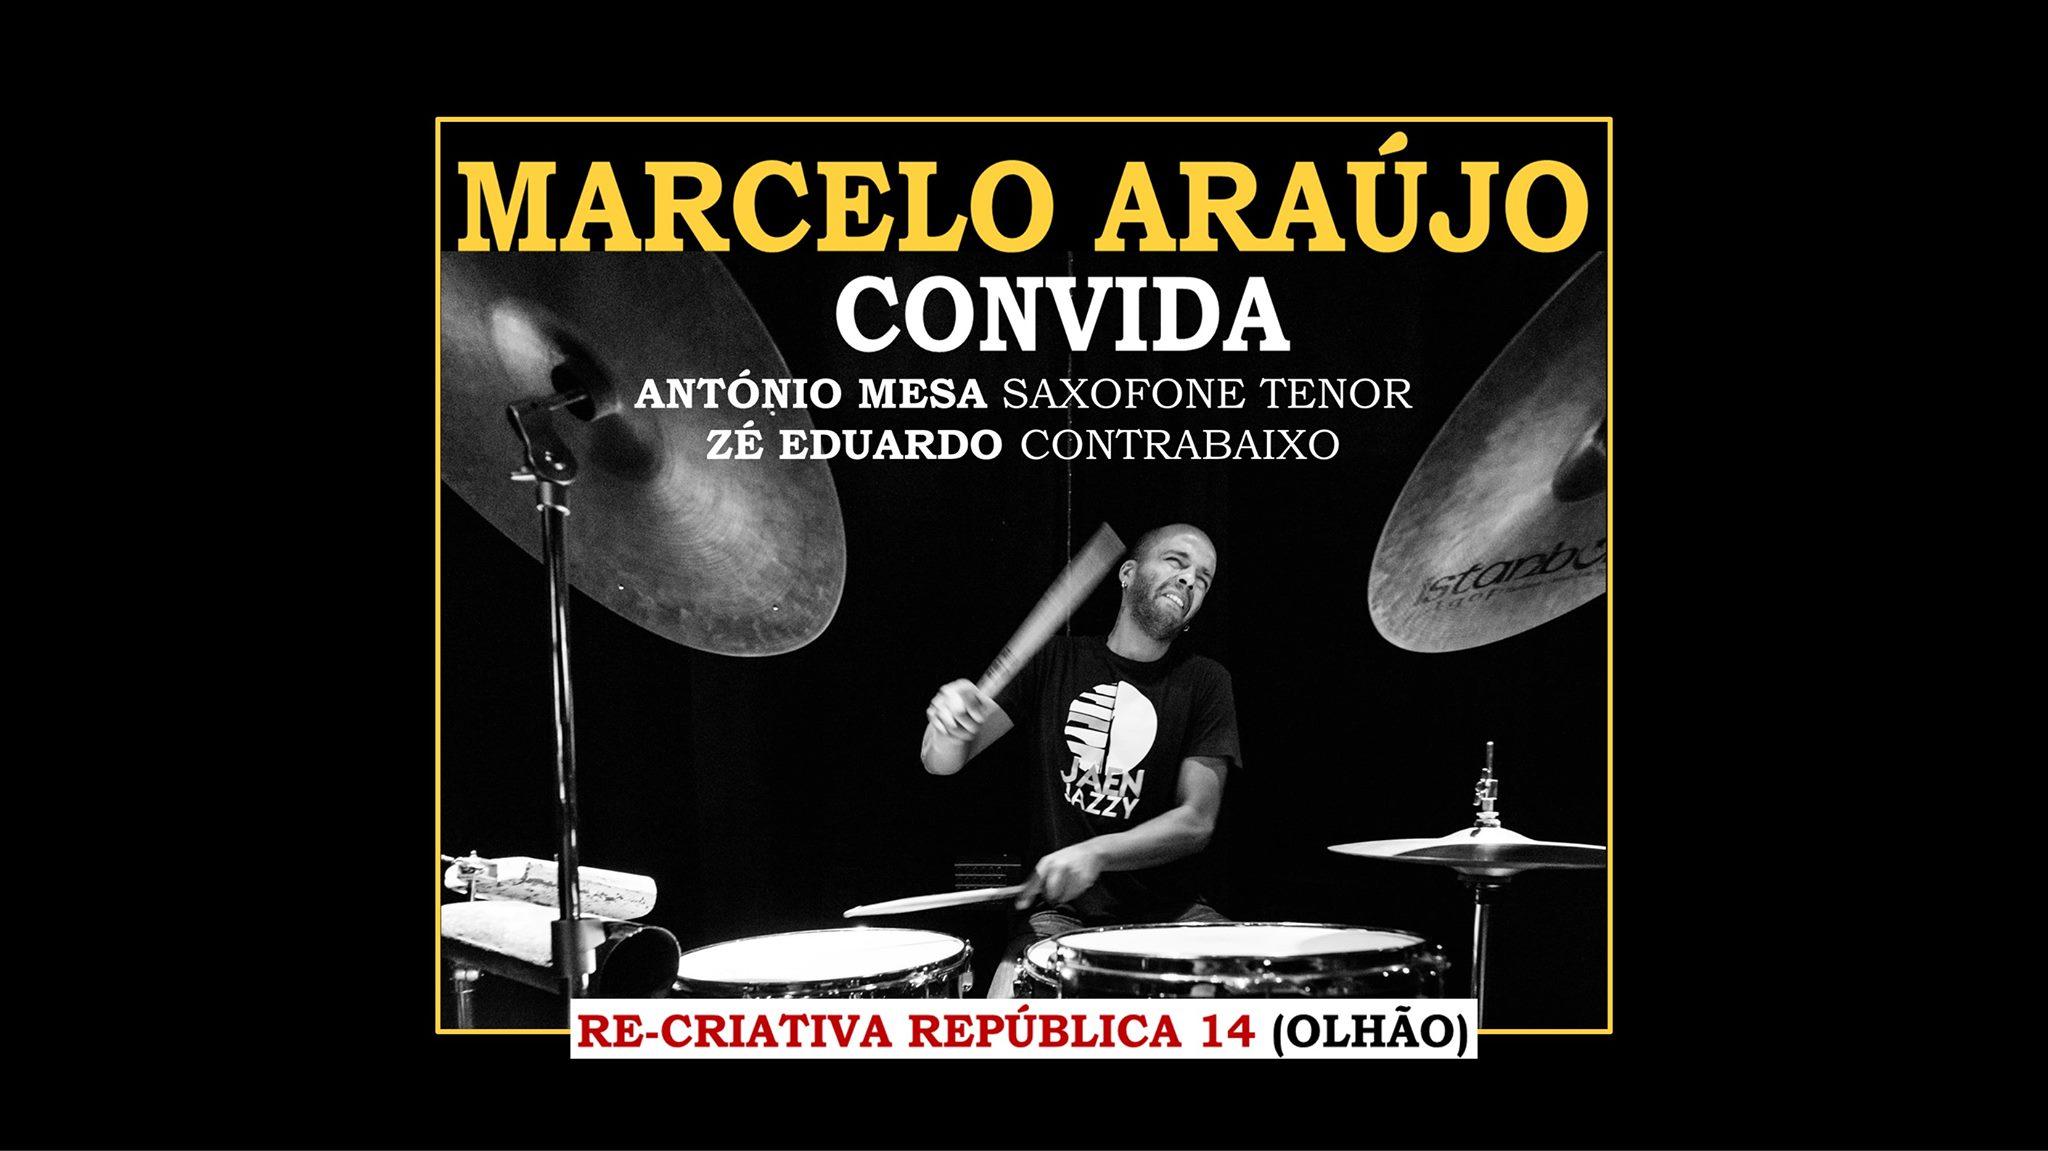 Marcelo Araújo convida António Mesa, saxofone e flauta e José Eduardo contrabaixo.